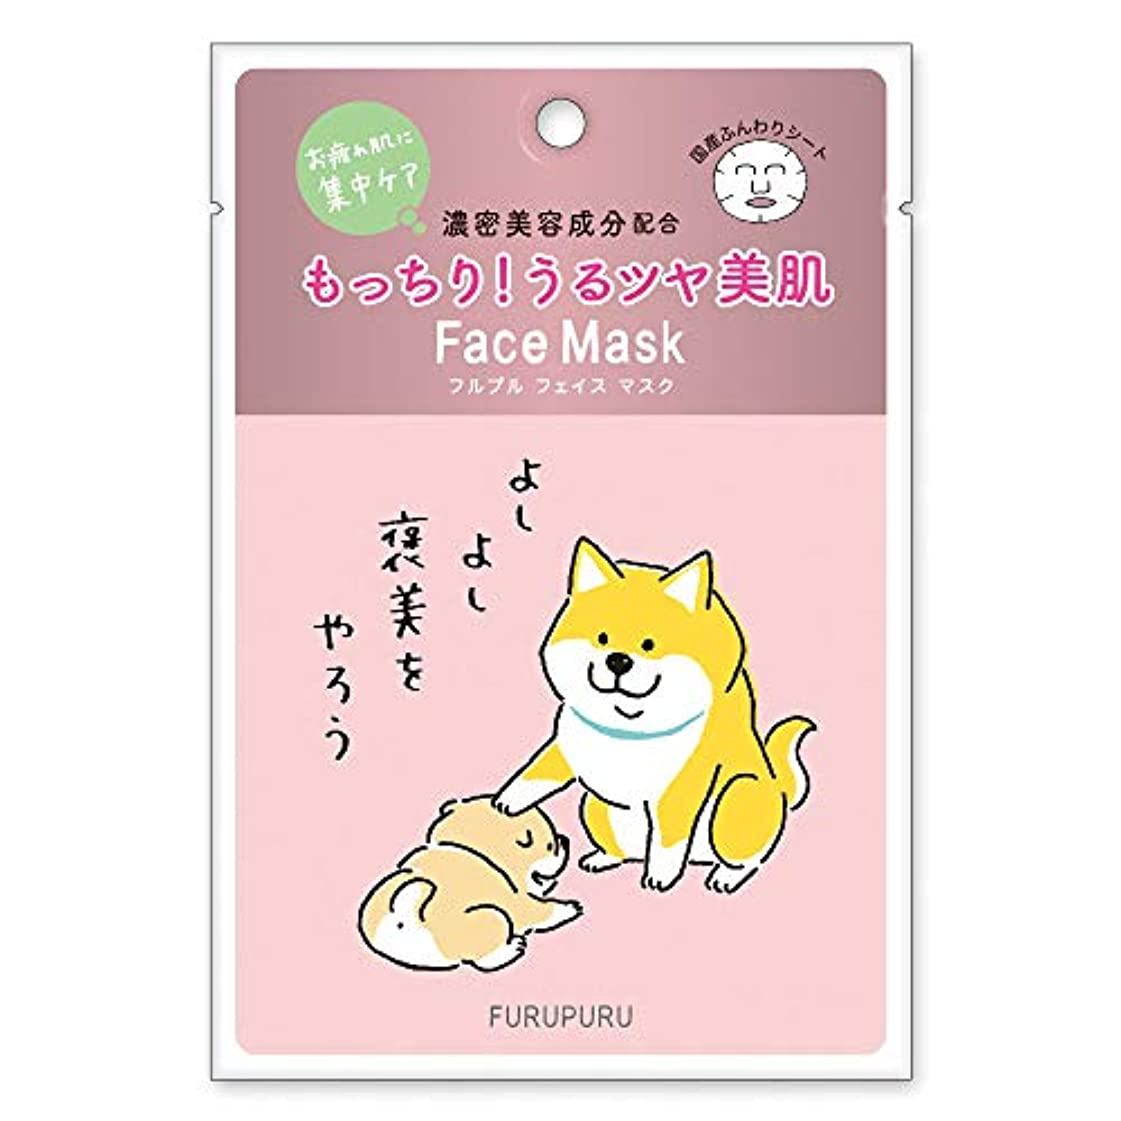 シェルターヘルメット俳句フルプルフェイスマスク しばんばん 褒美をやろう やさしく香る天然ローズの香り 30g